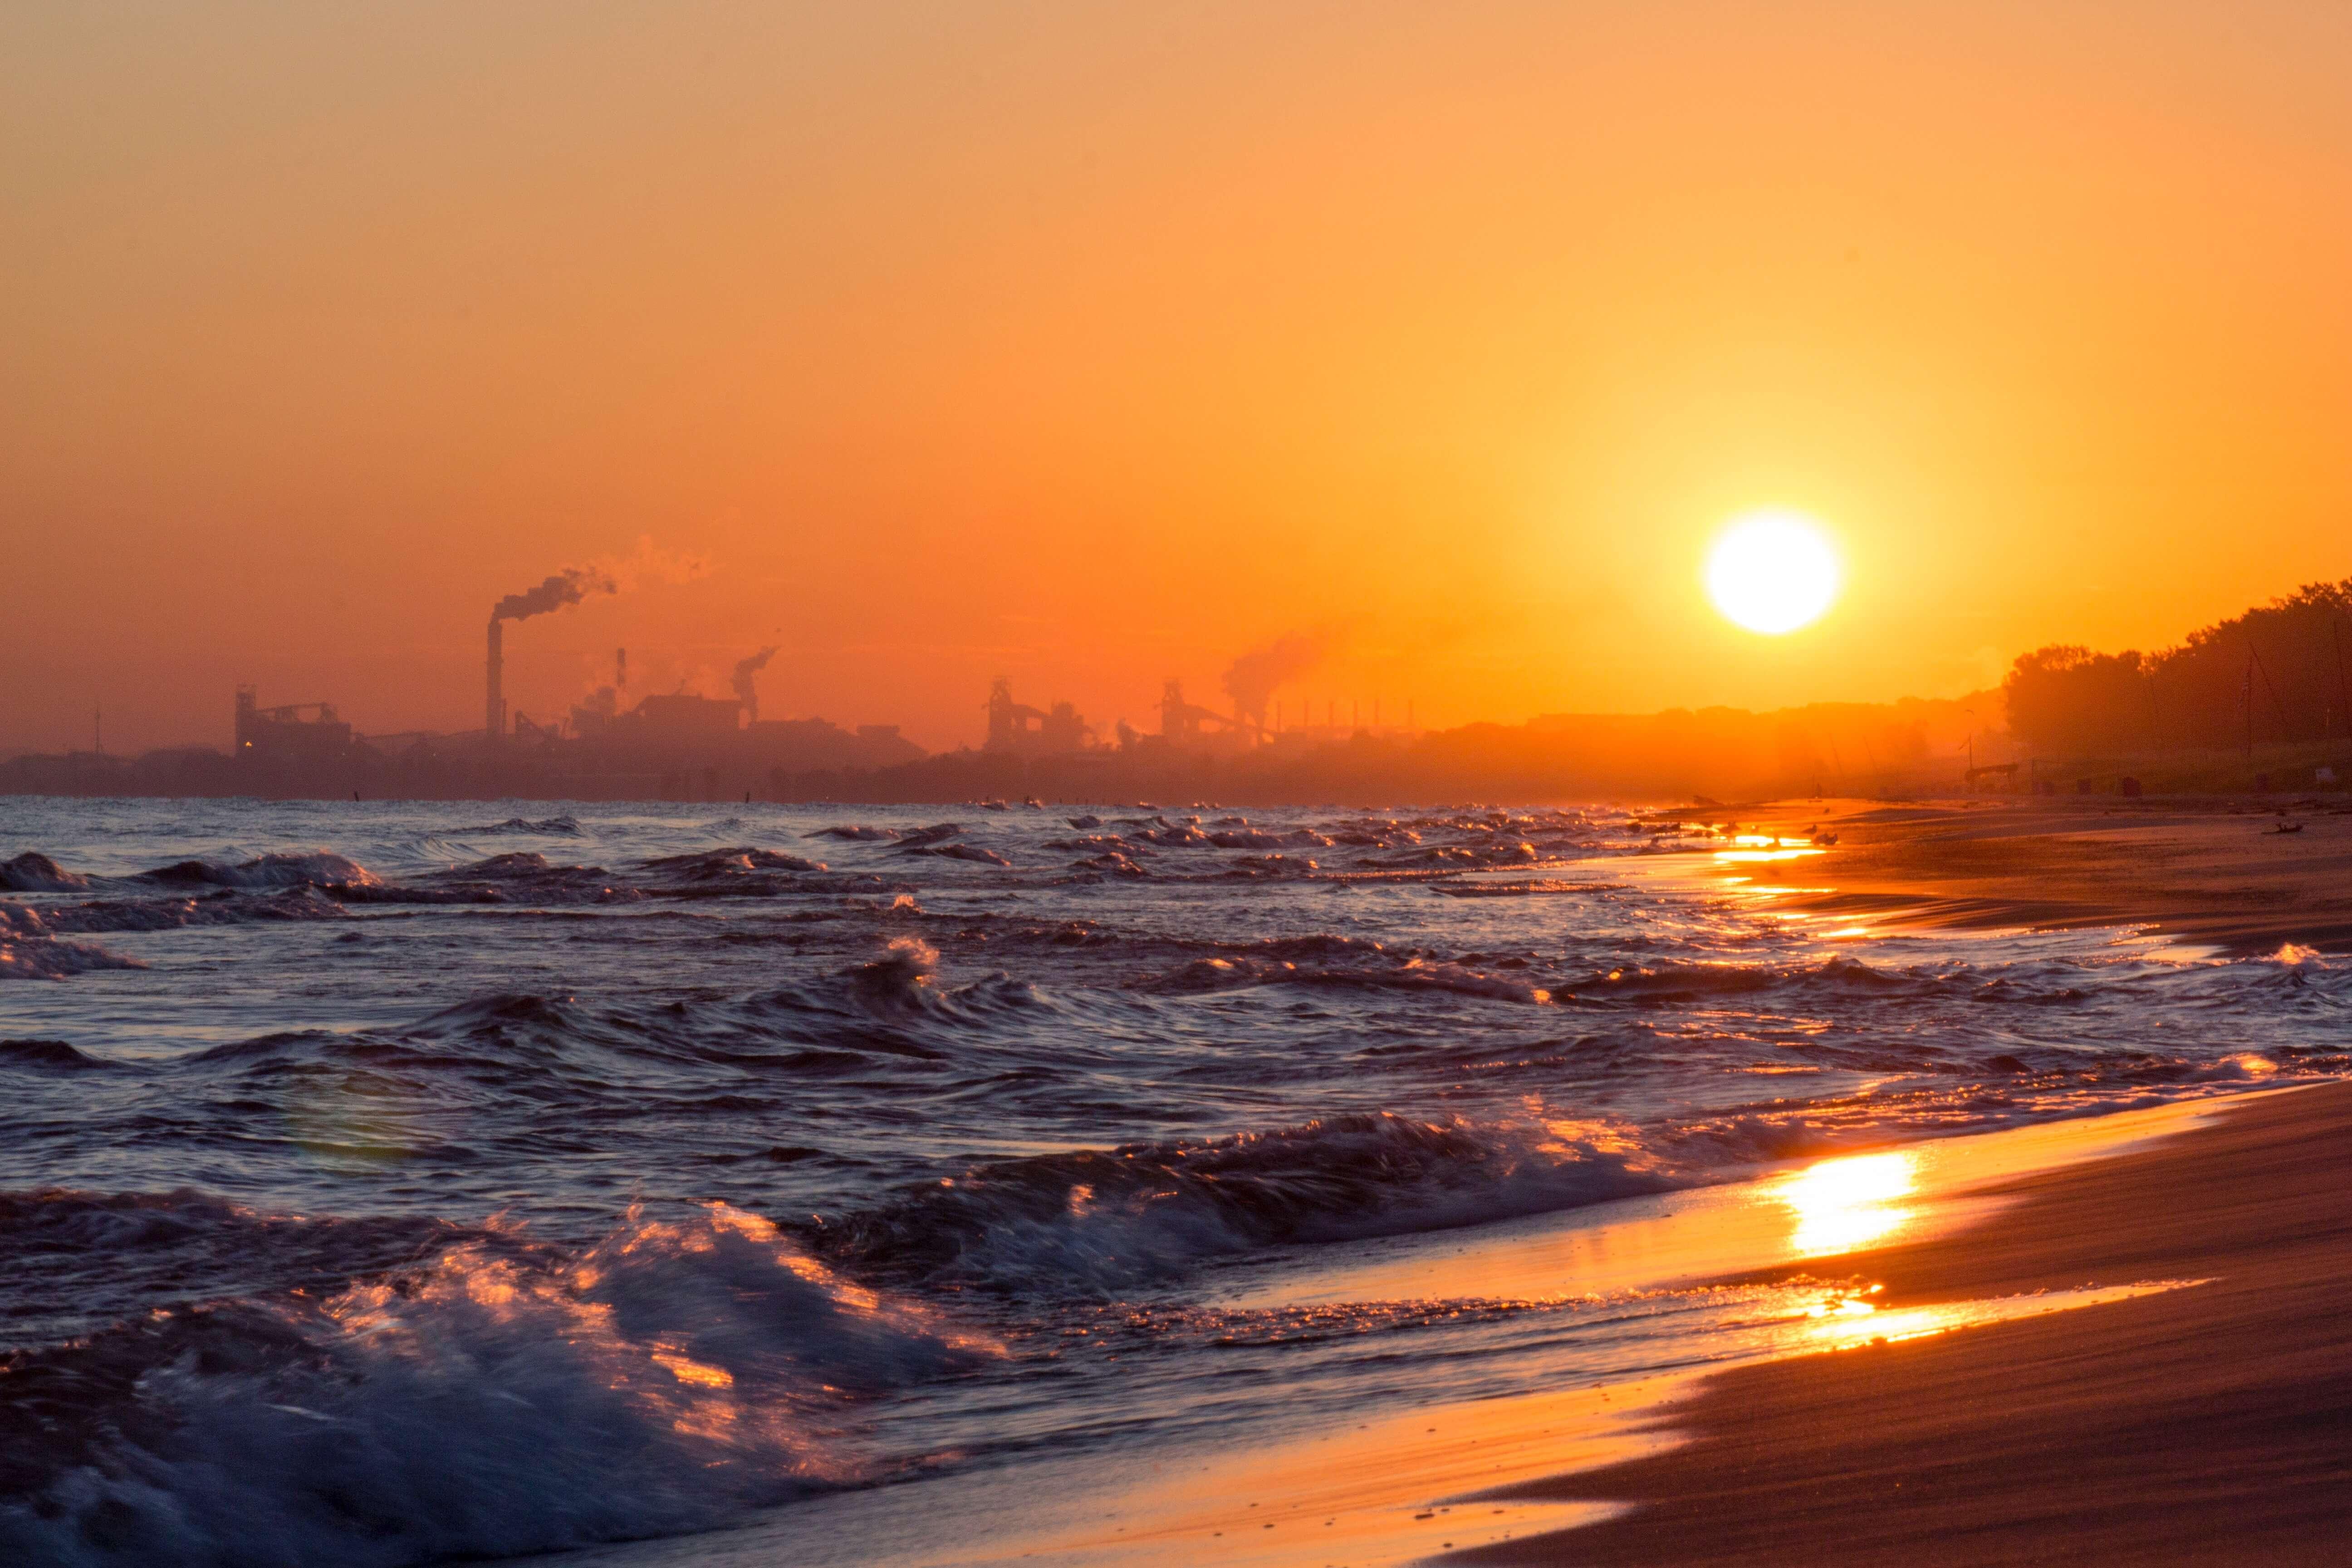 sea shore at sunrise